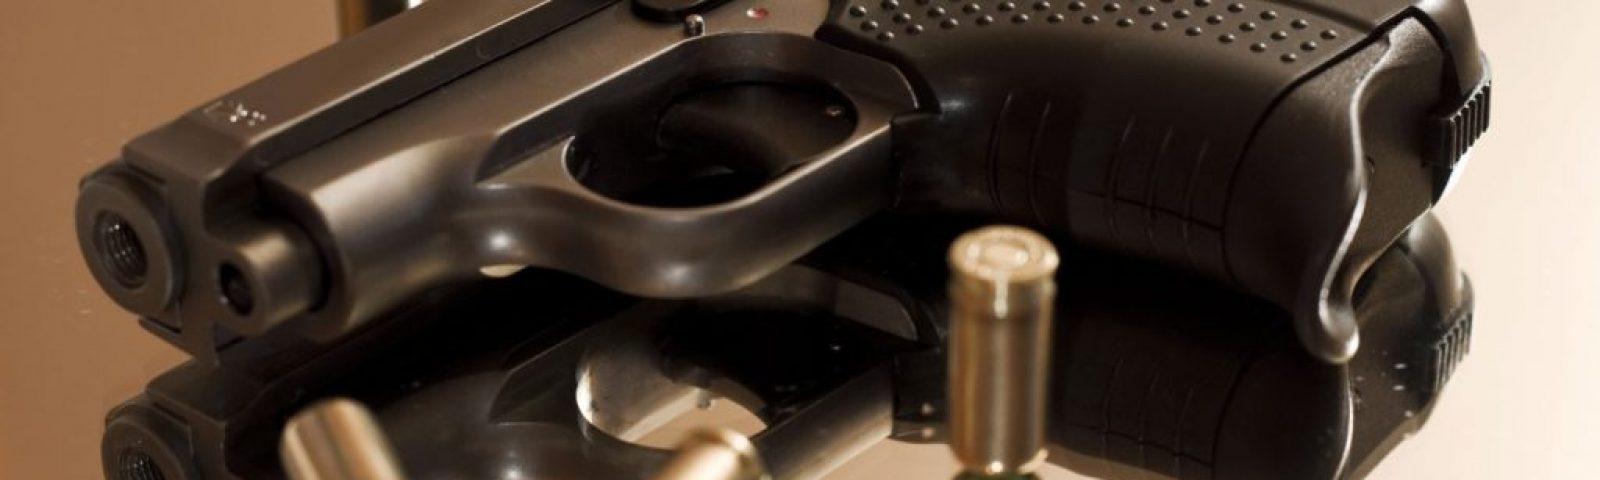 Illegal Gun and Firearm Defense